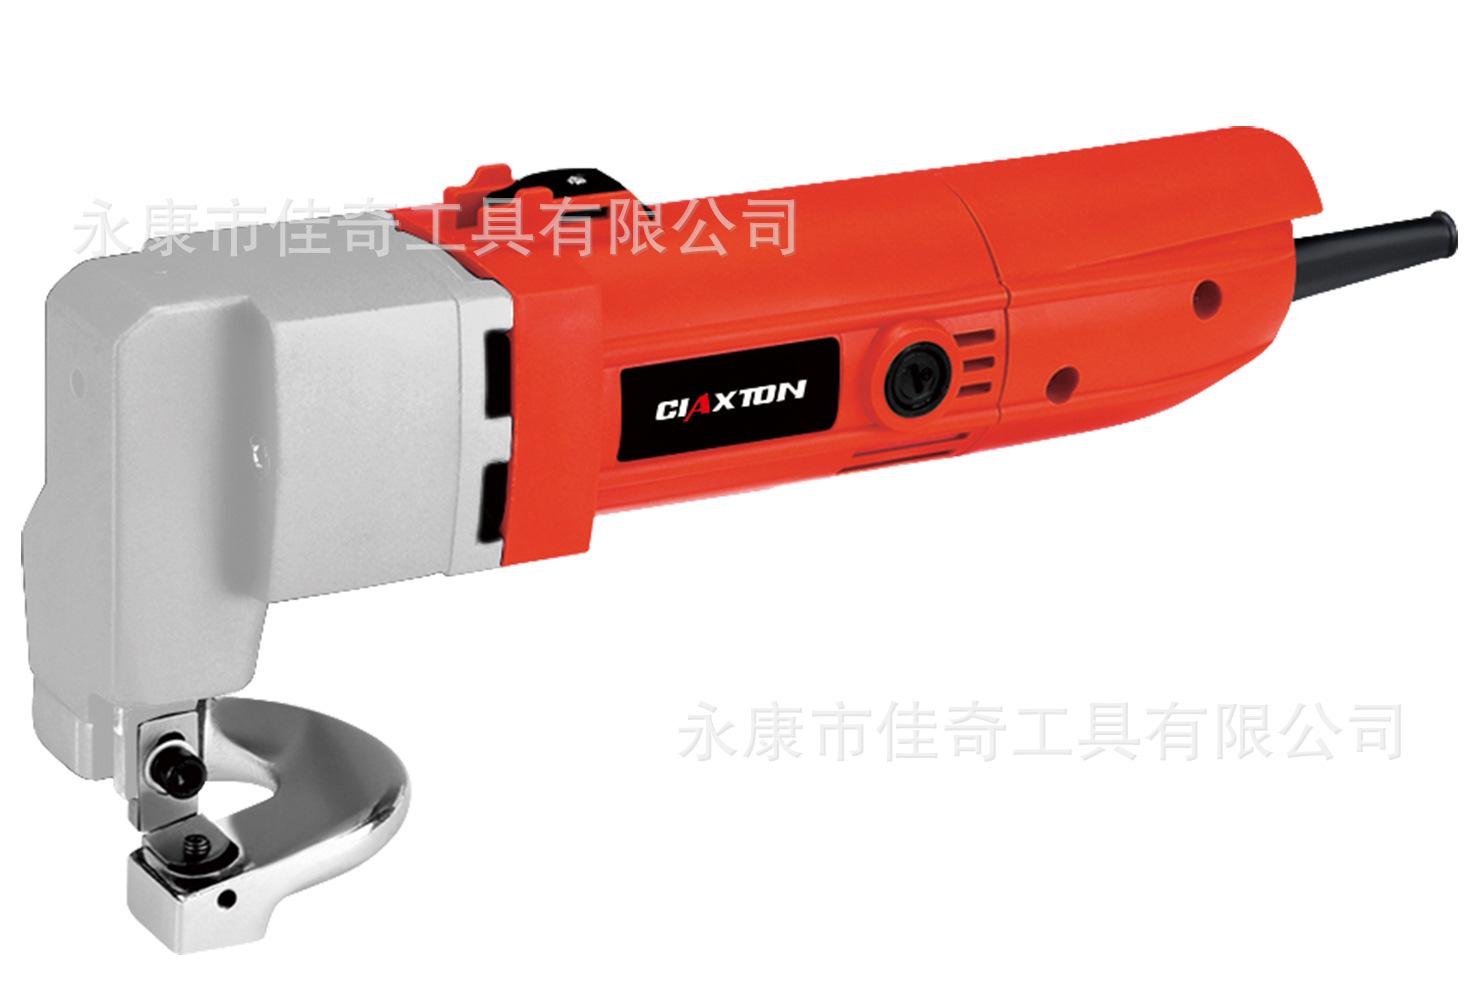 供应专业精品锋利款电剪刀2.5电剪刀铁皮剪 电动剪刀 剪钢板不锈